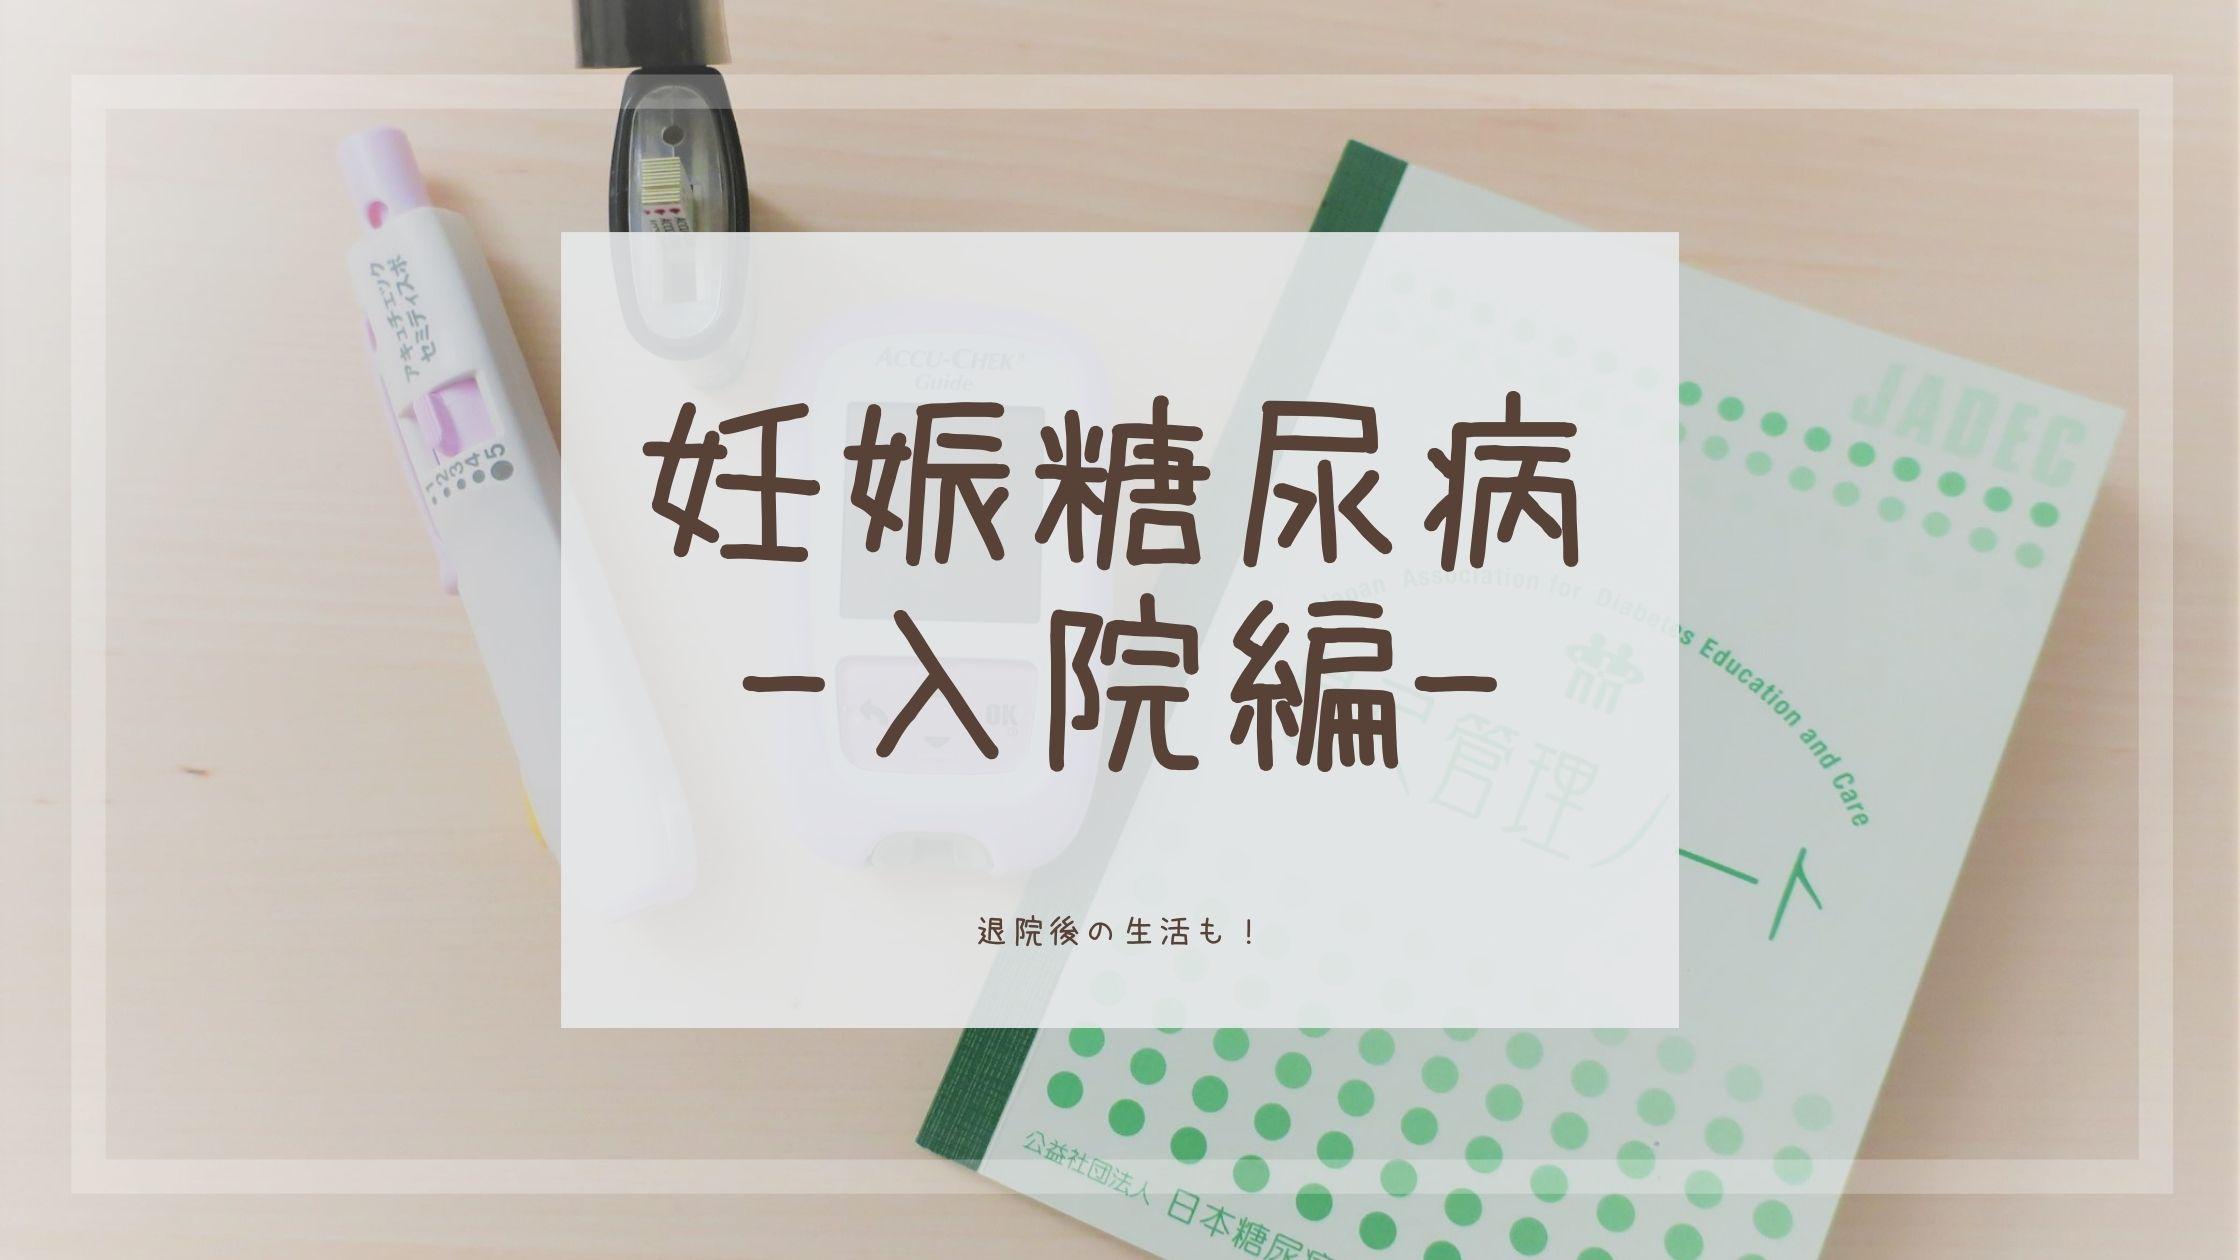 ninshintonyo